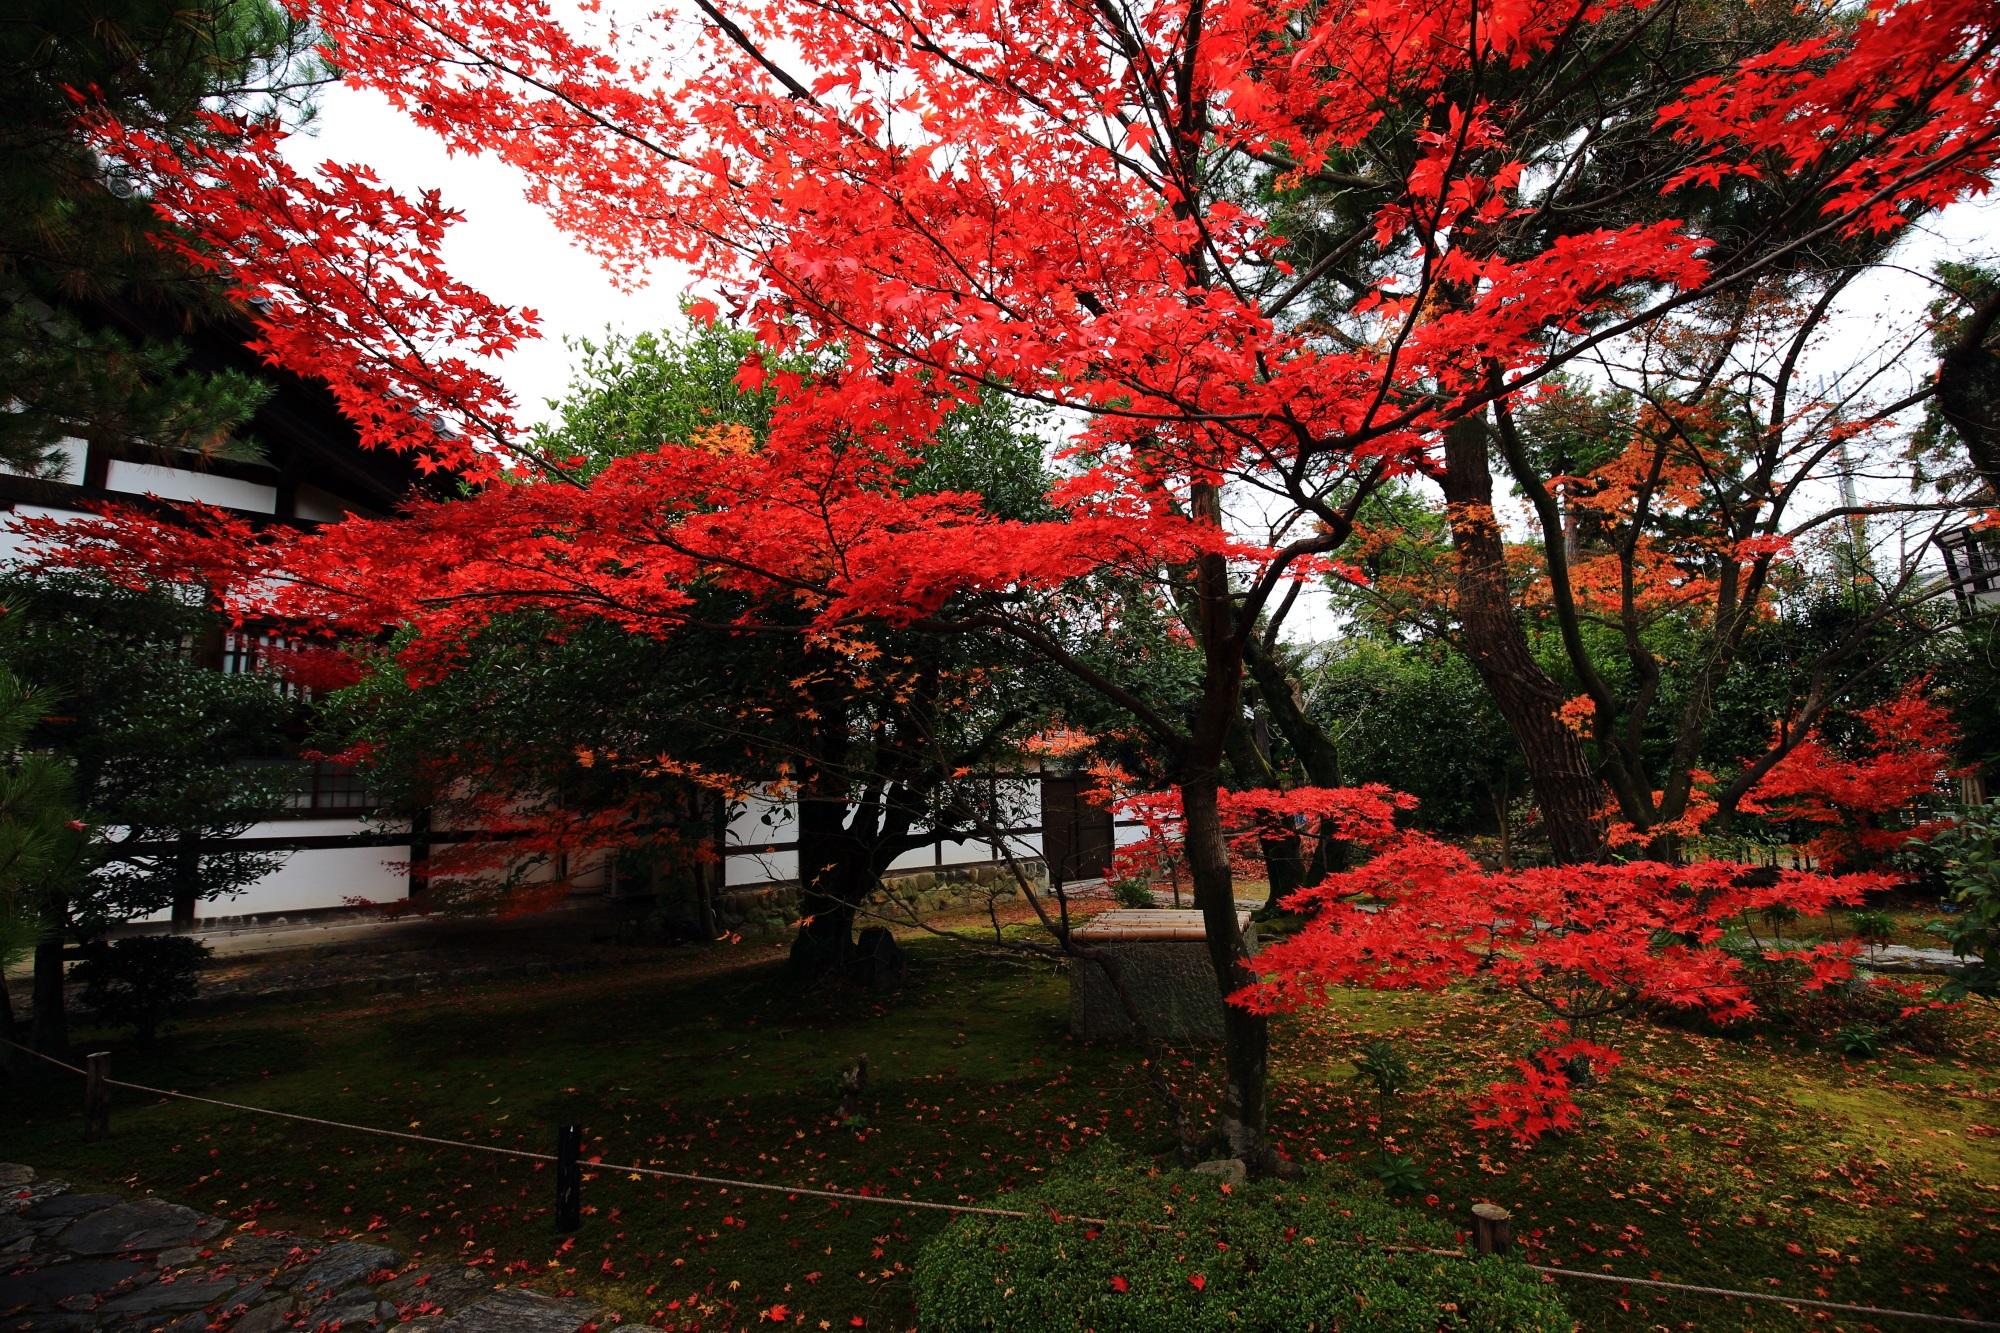 紅葉の穴場の嵐山鹿王院の庫裡前の鮮やかなもみじ